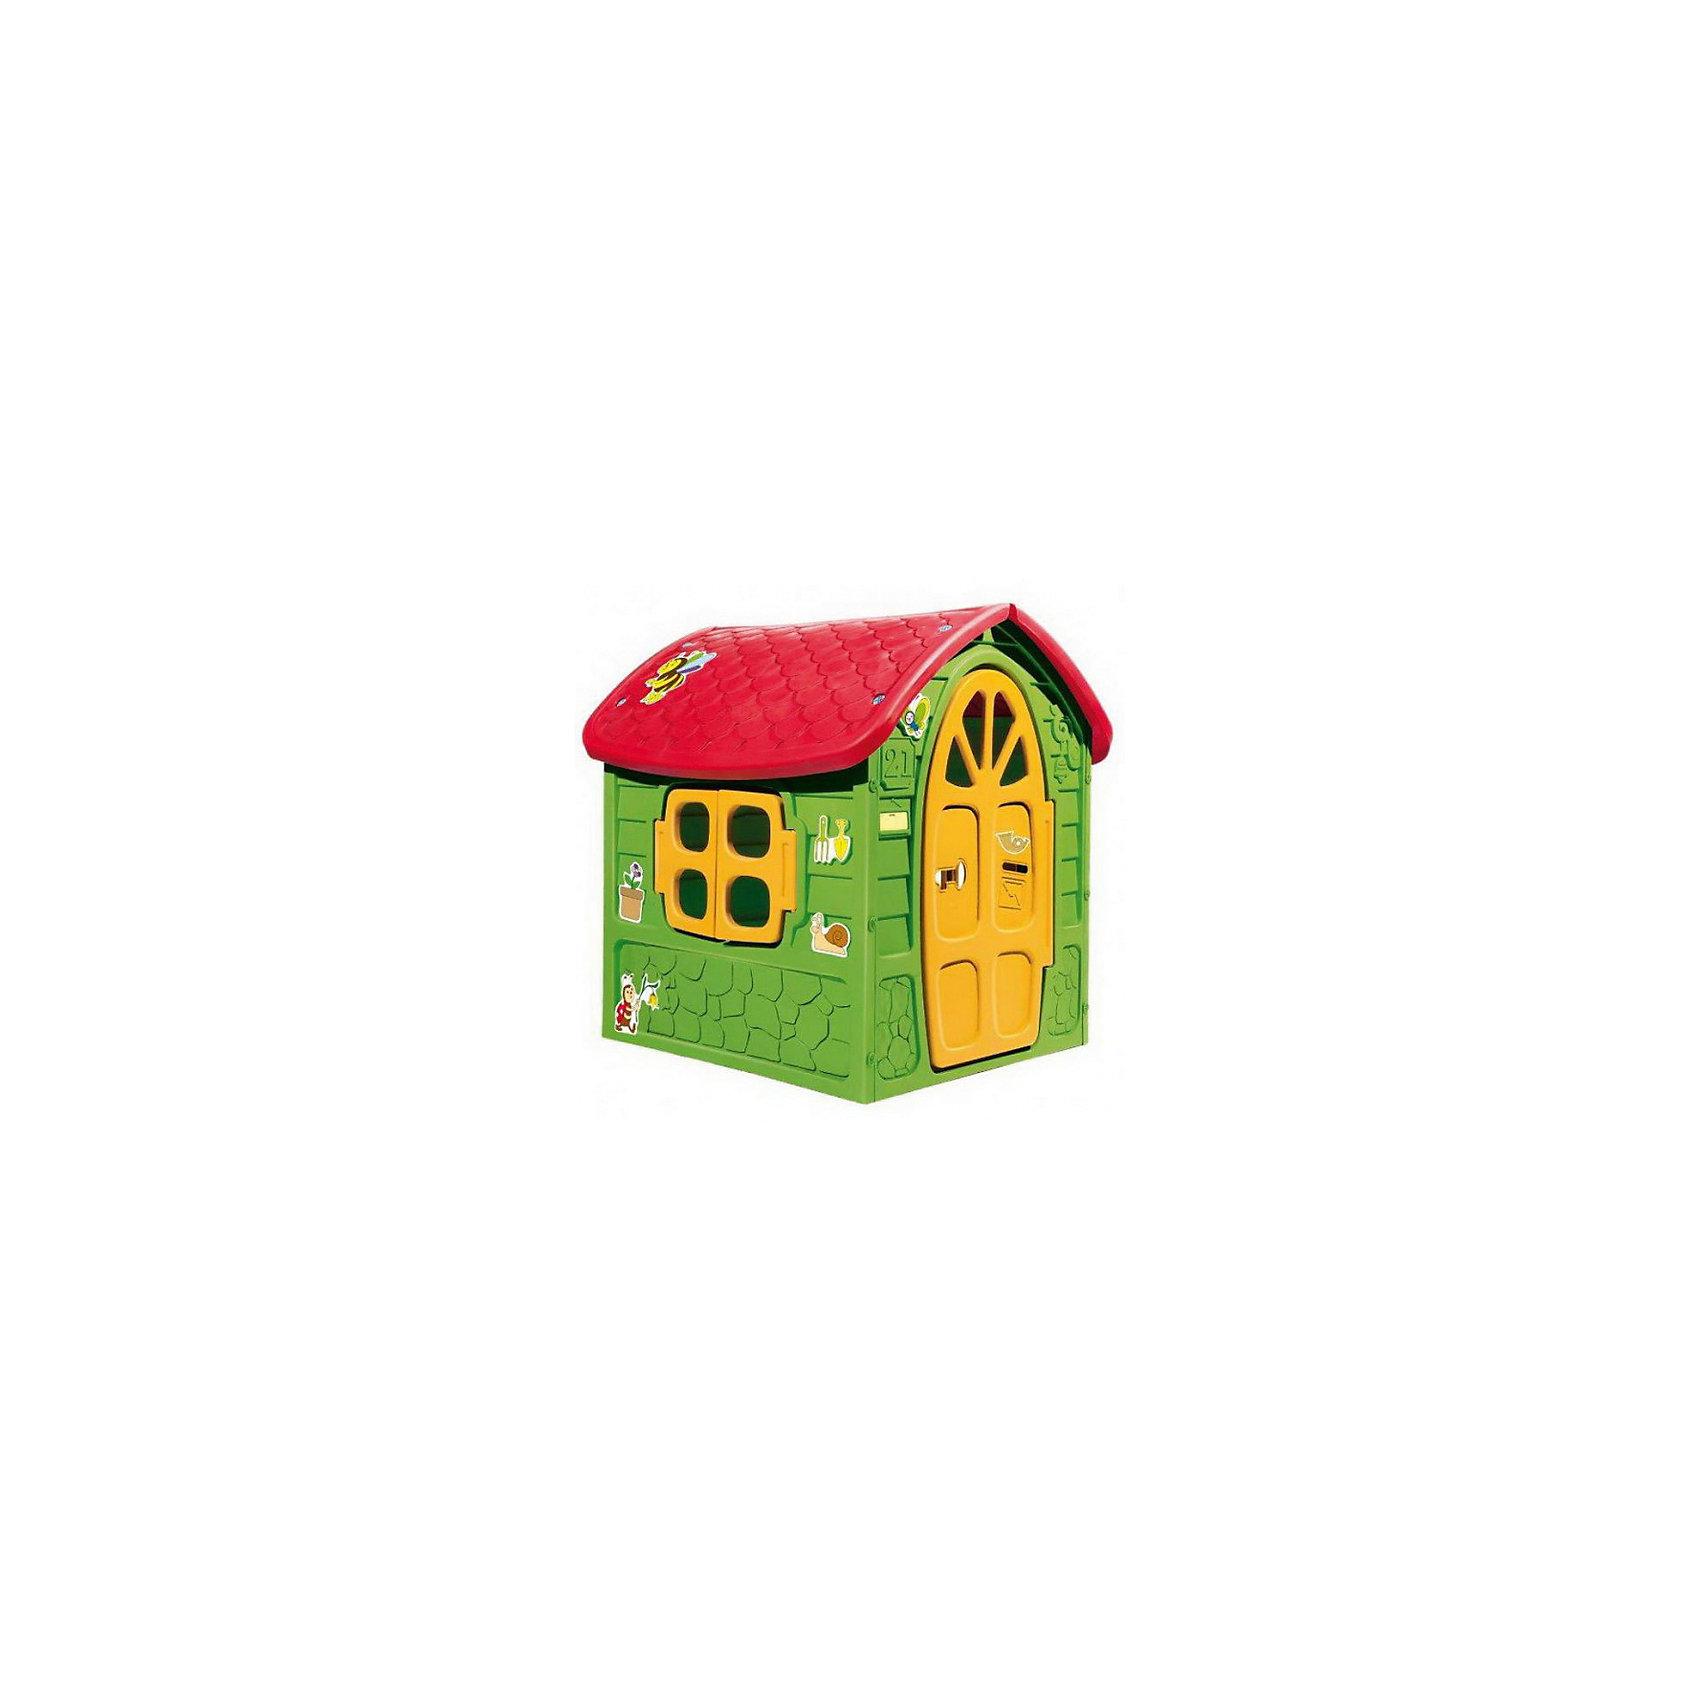 Домик деревенский, MacyszynДомики и мебель<br>Домик деревенский, Macyszyn.<br><br>Характеристики:<br><br>• Для детей в возрасте: от 2 лет<br>• Размер домика: 113х111х120 см.<br>• Конструкция сборная (собирается с помощью пластиковых болтов и гаек)<br>• Материал: пластик<br>• Цвета: зеленый, желтый, красный<br>• Размер упаковки: 115х12,5х141 см.<br>• Вес: 12,5 кг.<br><br>Деревенский домик, Mochtoys идеально подойдет для игр вашего ребенка на открытом воздухе и в помещении! Небольшой и очень уютный домик создаст для ребенка собственный мир, оборудованный по детским законам и только лично самим ребенком. В домике есть 2 окна с открывающимися рамами, дверь, круглое большое окошко, маленькое отверстие, имитирующее скворечник и отверстие для входа домашних животных. Дверь домика открывается. Домик украшен яркими цветными стикерами. На крыше имитация черепицы. Дизайн домика продуман таким образом, что у ребенка создается полное впечатление того, что он находится в настоящем деревенском доме. Все детали дома надежно фиксируются между собой и не разбалтываются при активной эксплуатации. Конструкция домика устойчивая и надежная, острые края отсутствуют, поэтому он абсолютно безопасен для детей. Изделие выполнено в соответствии с европейскими стандартами качества из высококачественного, прочного пластика. Материал не выгорает на солнце и морозоустойчив (не боится морозов до -15 градусов). Домик прост в уходе, его можно мыть на даче из шланга проточной водой.<br><br>Домик деревенский, Macyszyn можно купить в нашем интернет-магазине.<br><br>Ширина мм: 1130<br>Глубина мм: 1110<br>Высота мм: 1200<br>Вес г: 12500<br>Возраст от месяцев: 24<br>Возраст до месяцев: 84<br>Пол: Унисекс<br>Возраст: Детский<br>SKU: 5510726